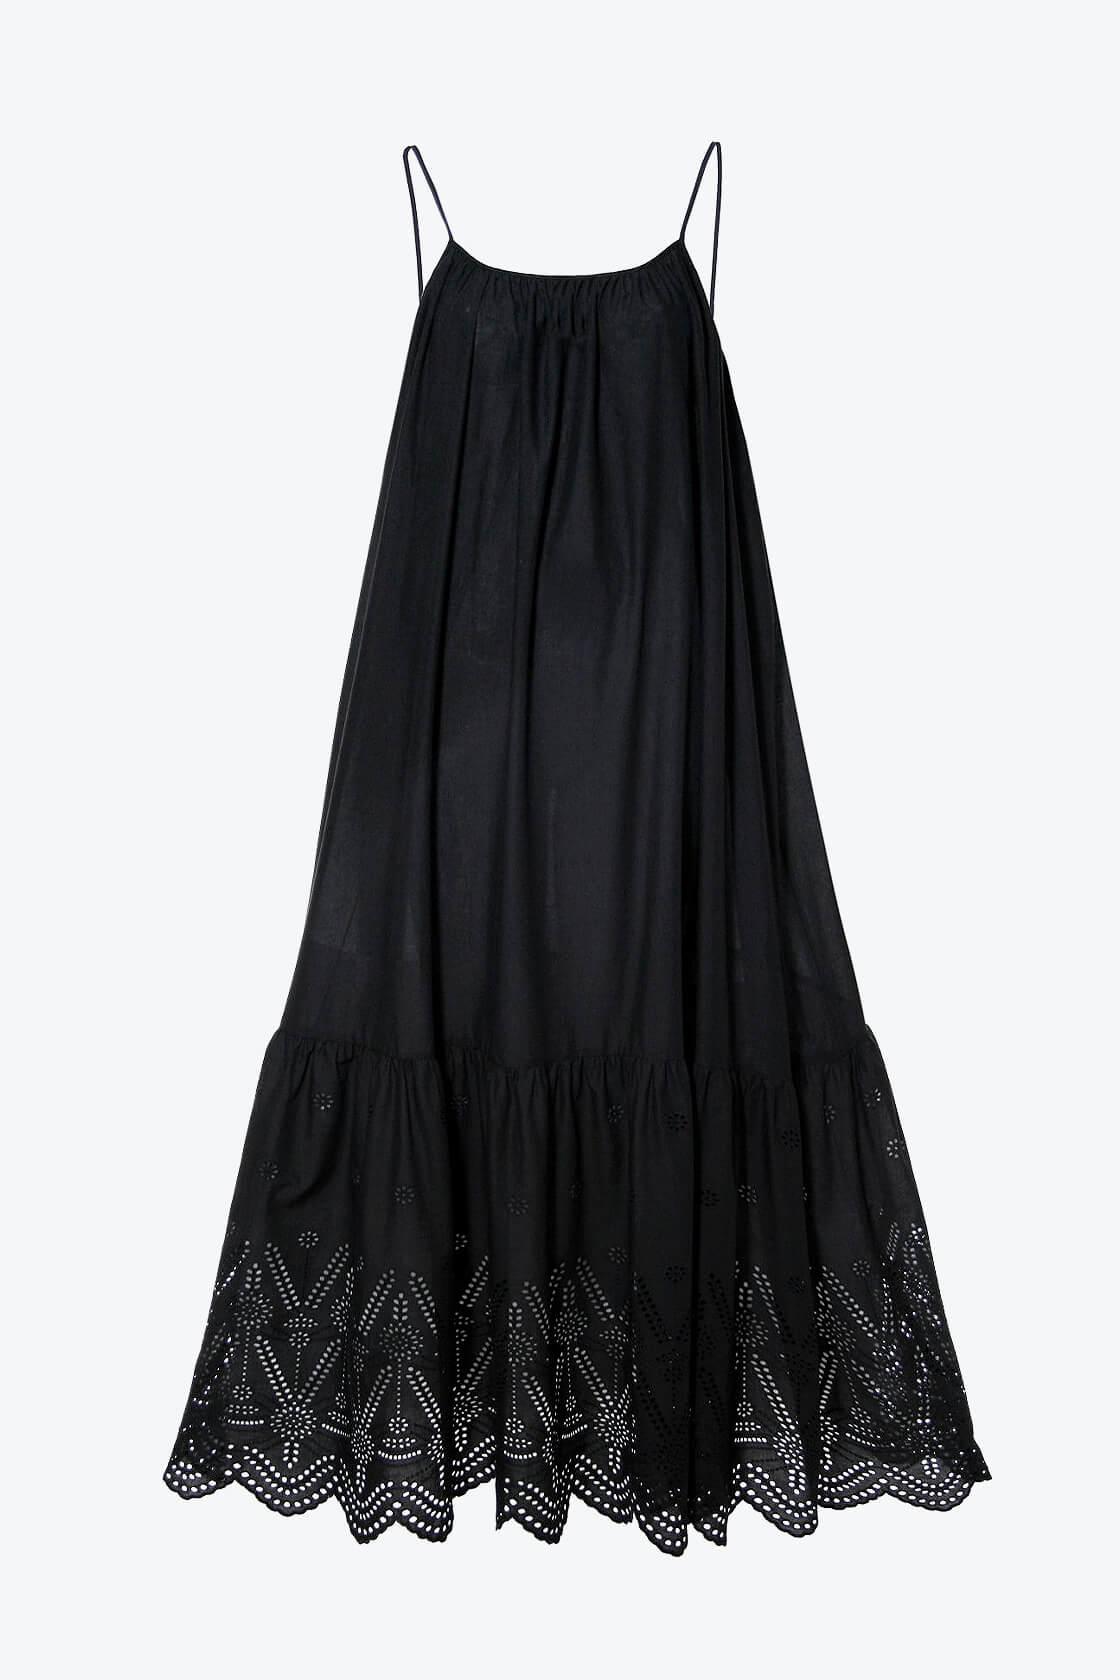 OL100002565 Dress Lea Black Beauty1